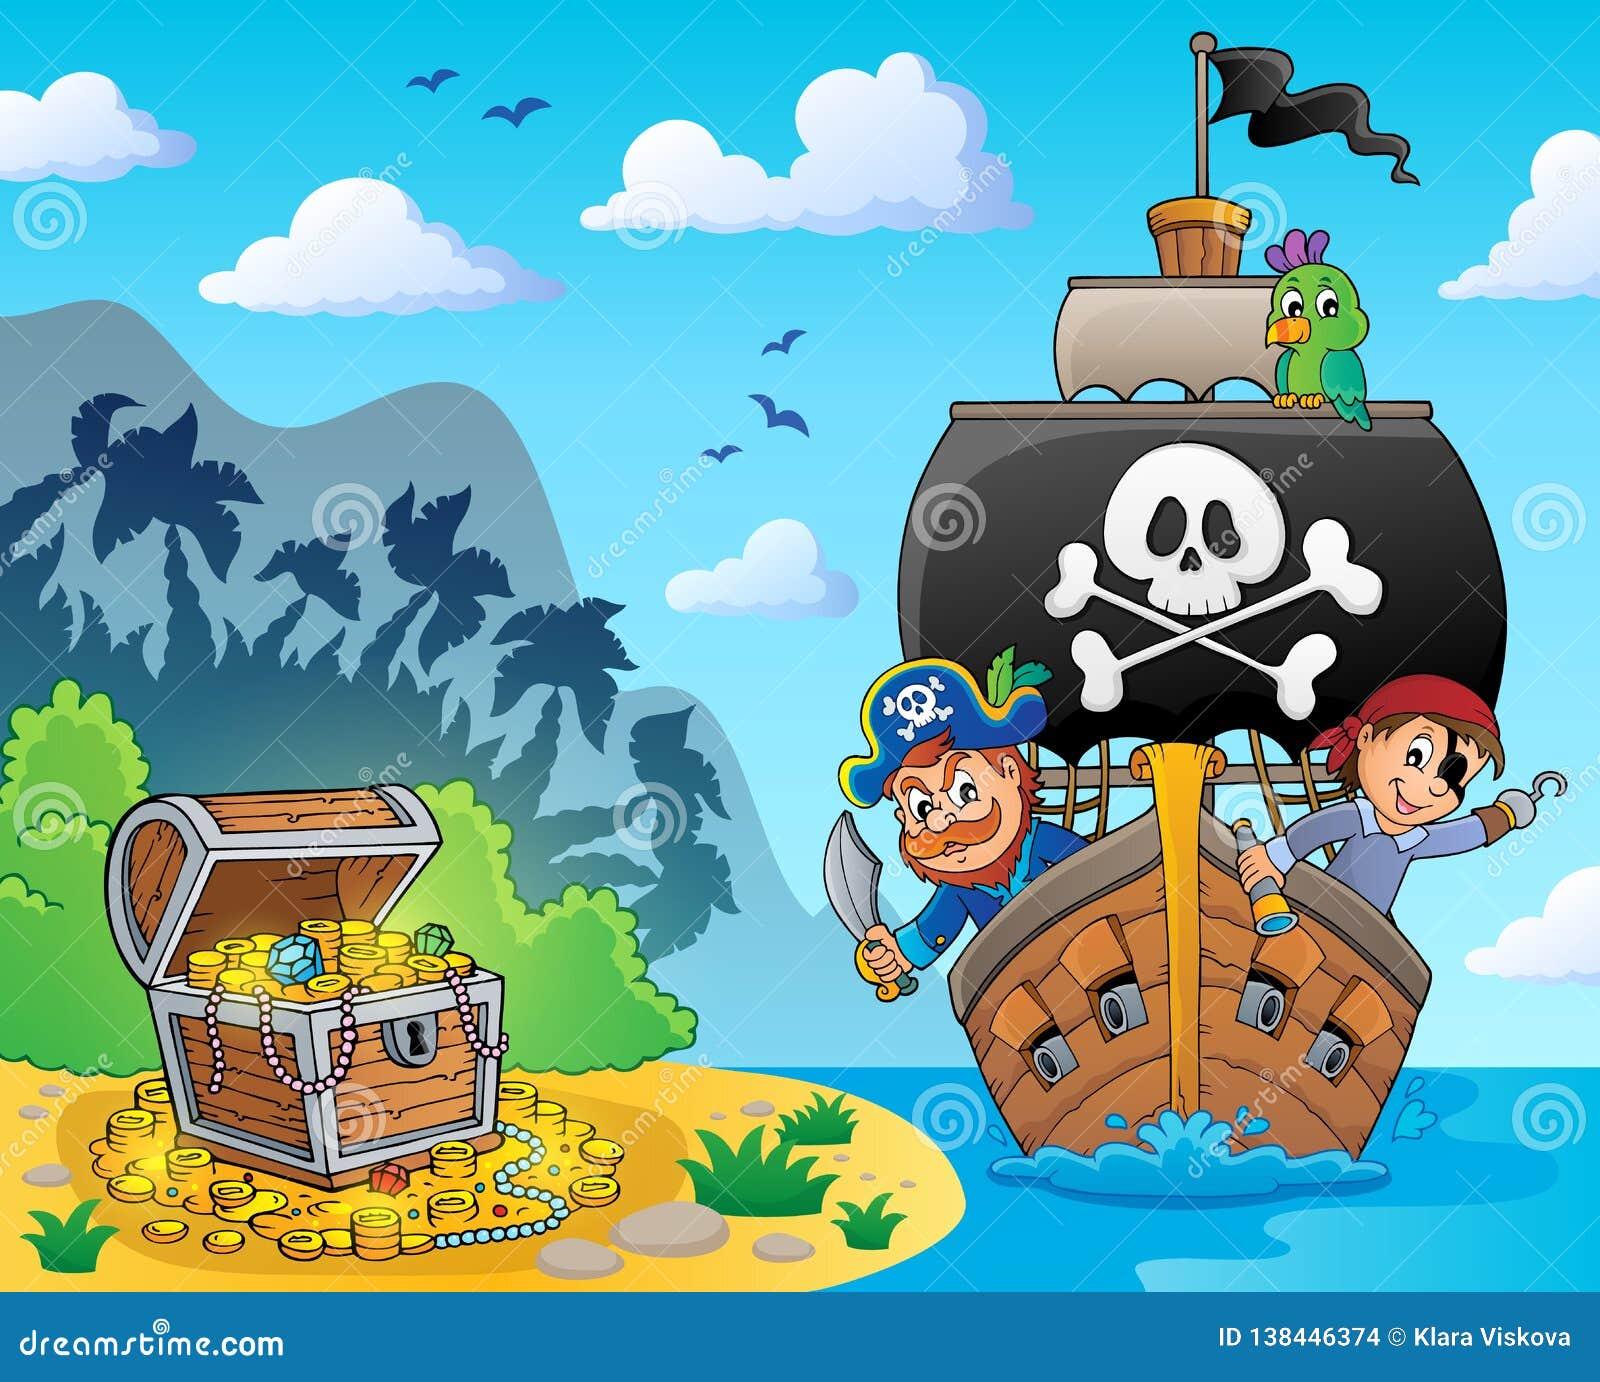 Immagine con il tema 6 della nave del pirata